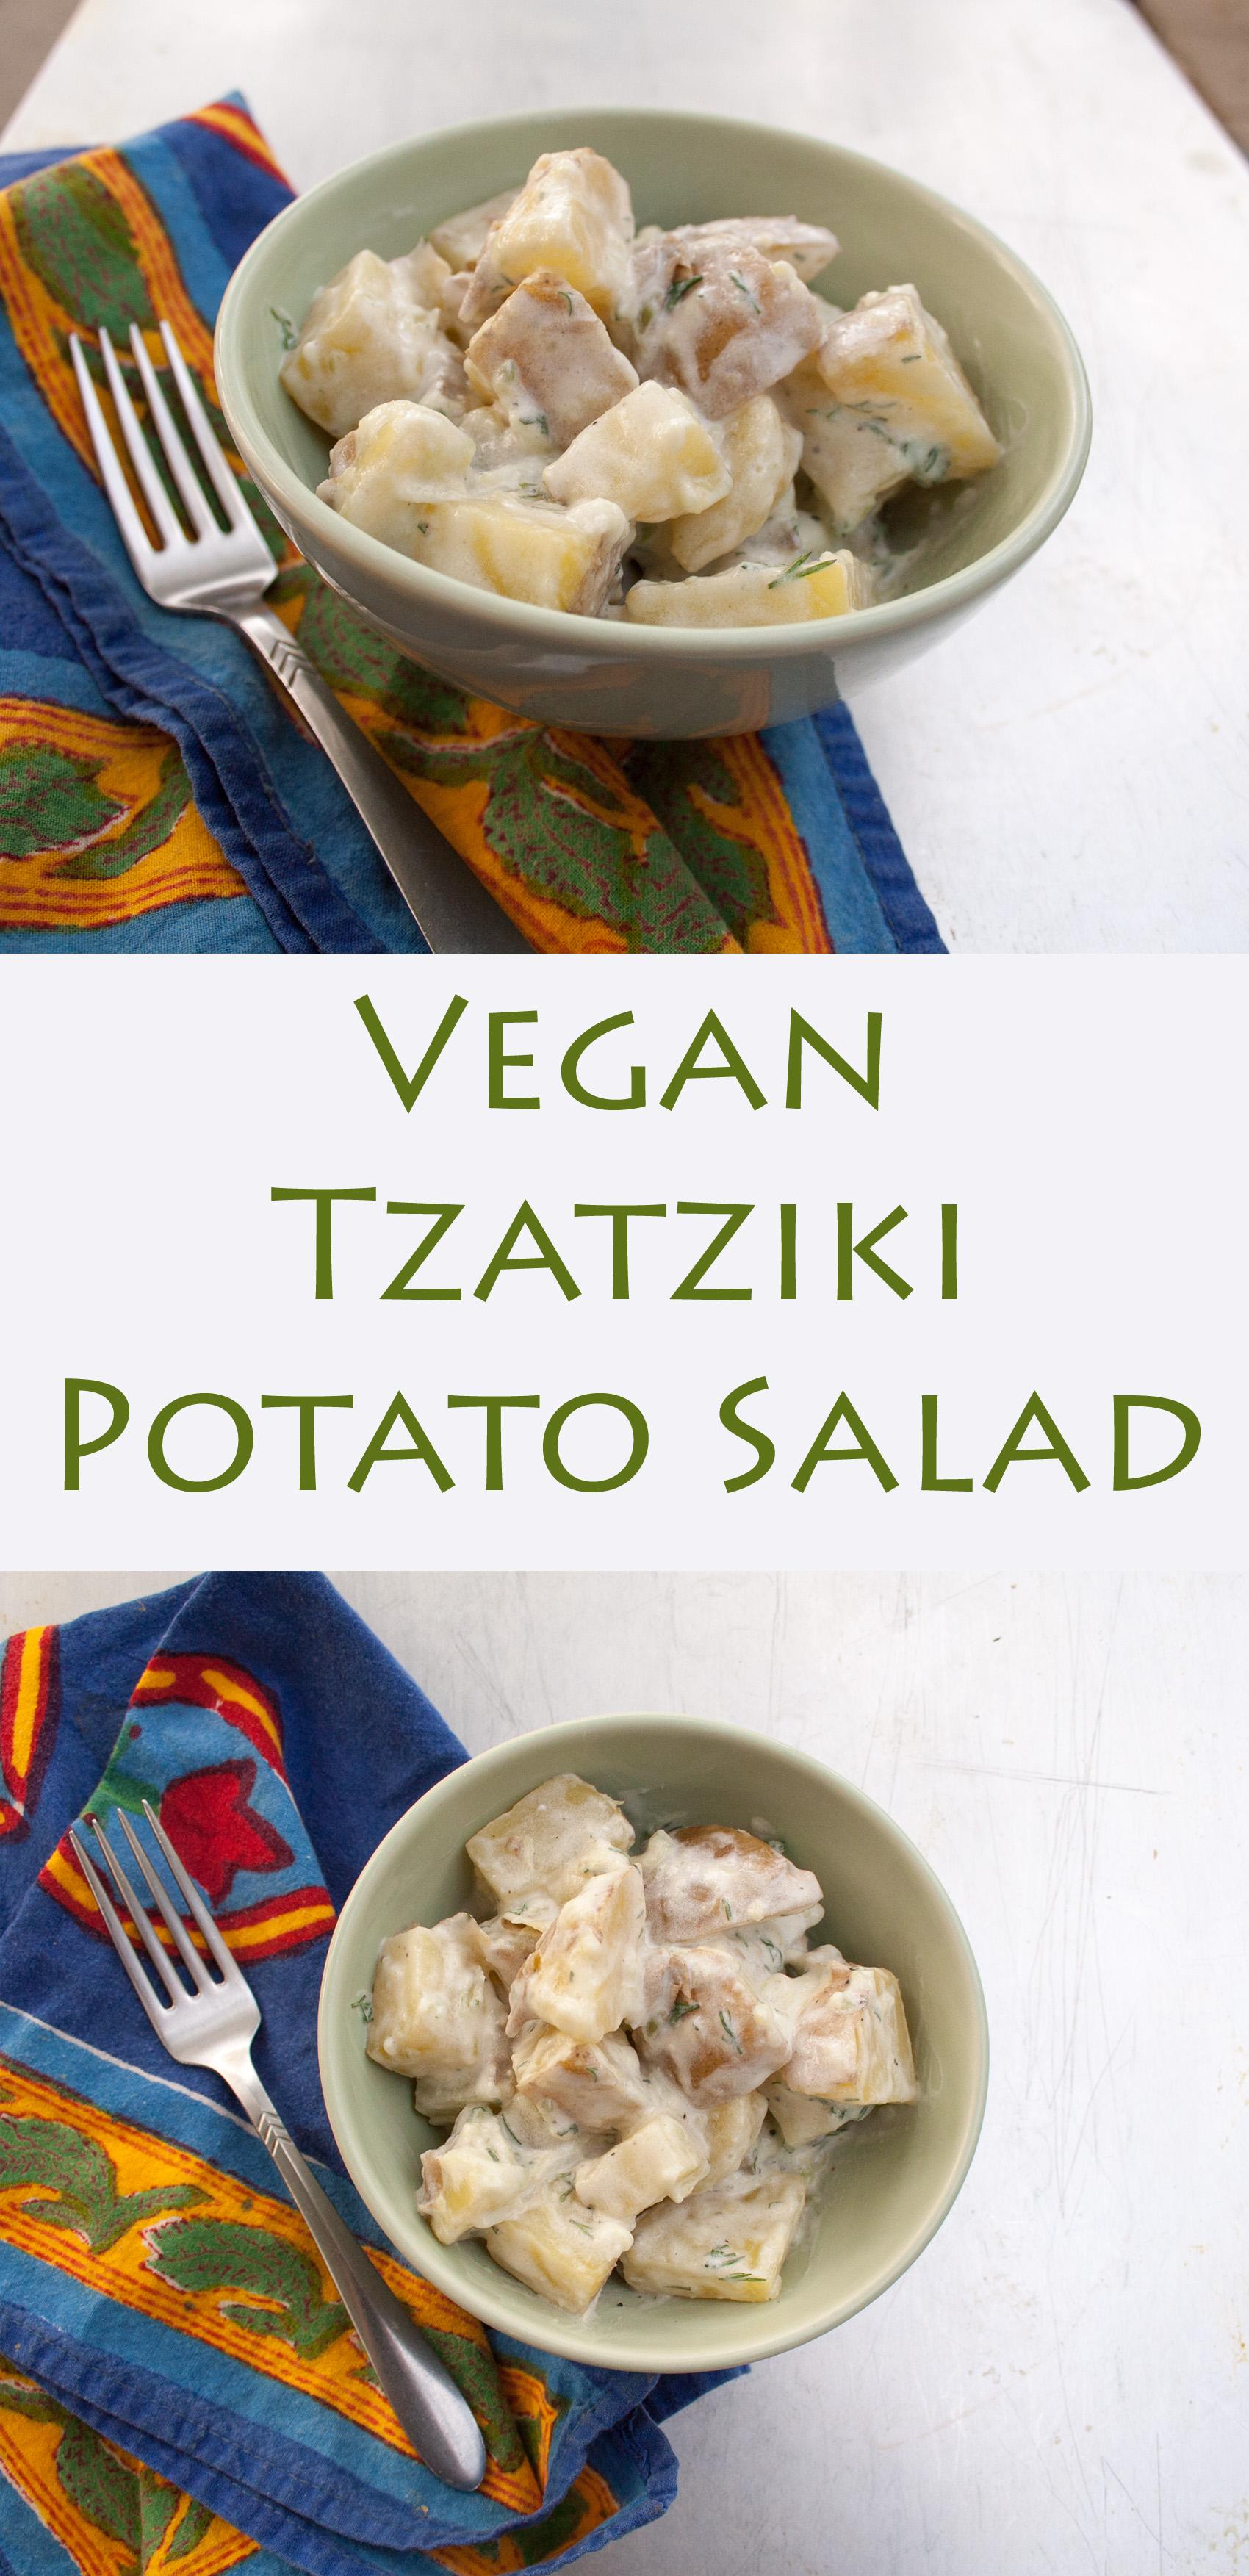 Vegan Tzatziki Potato Salad collage photo with text.